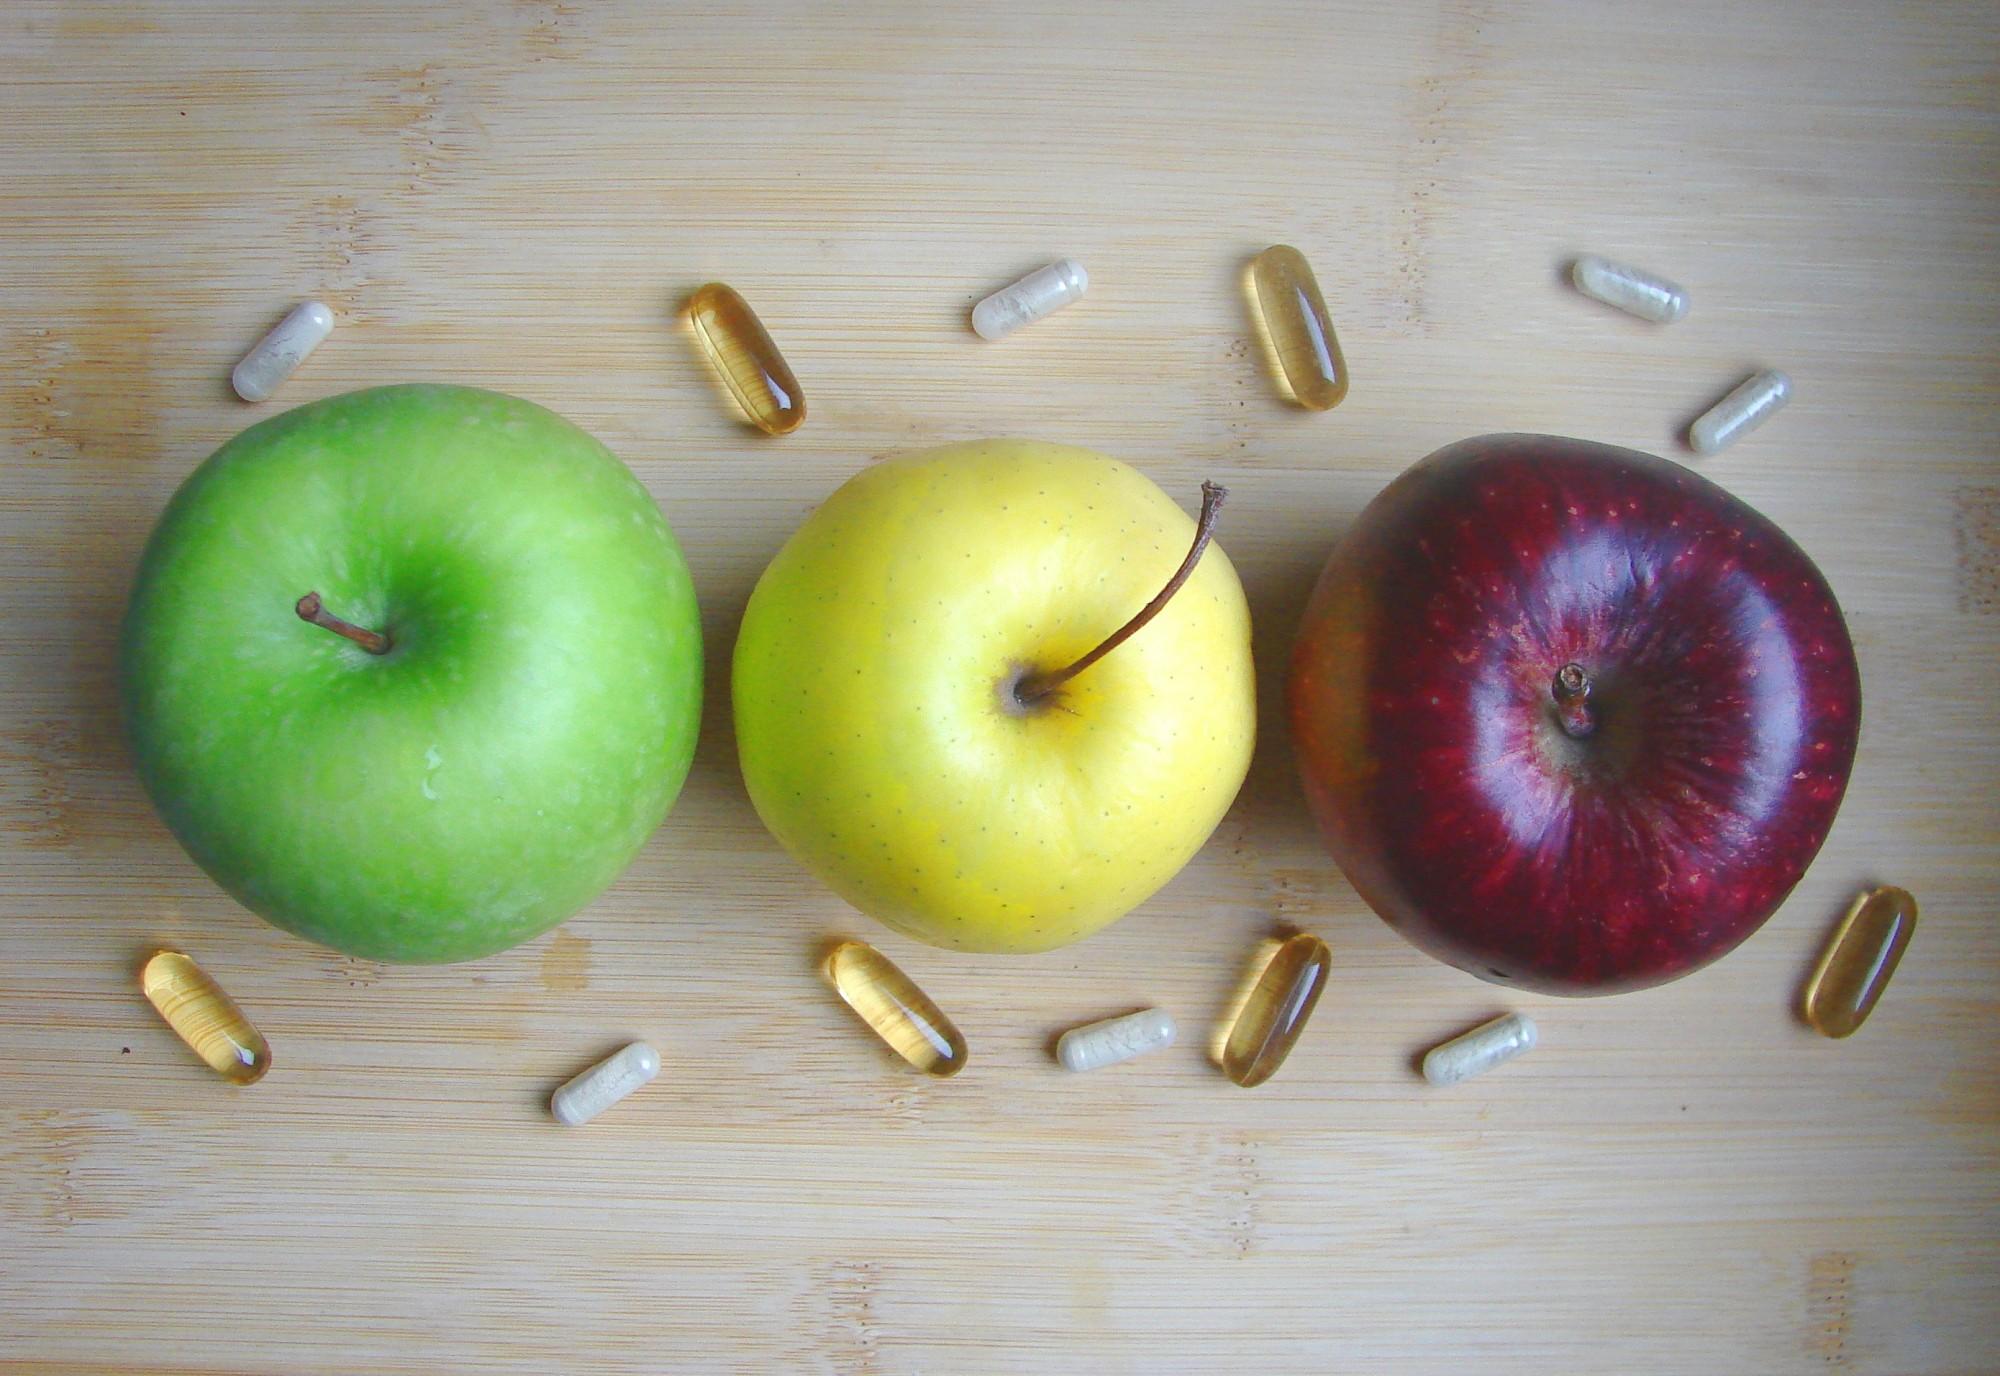 Veselīga uztura lekcijās mācīsies par biežākajiem uzturvielu deficītiem